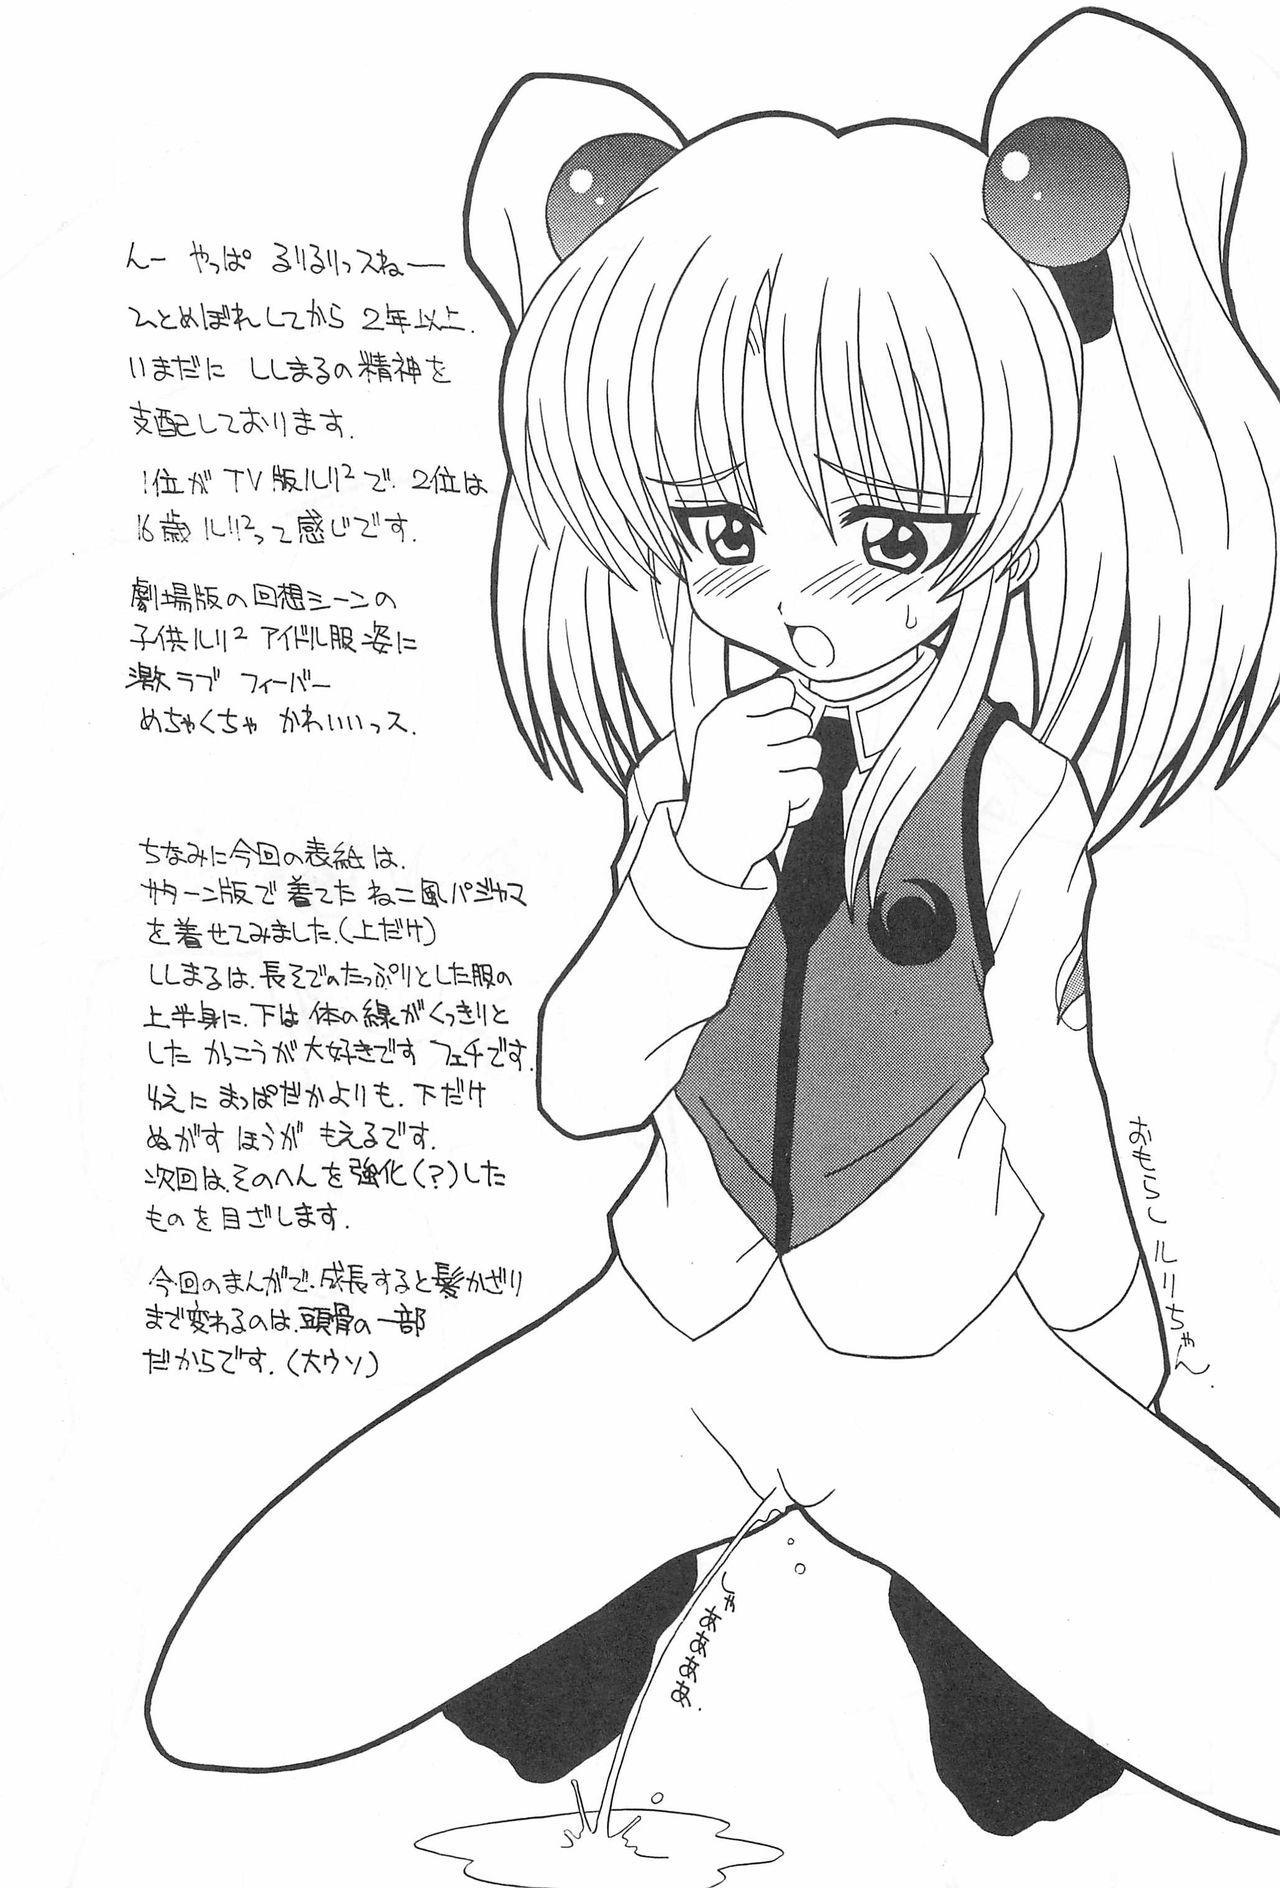 Soko da! Ninpou Youjitaikei no Jutsu EX 12